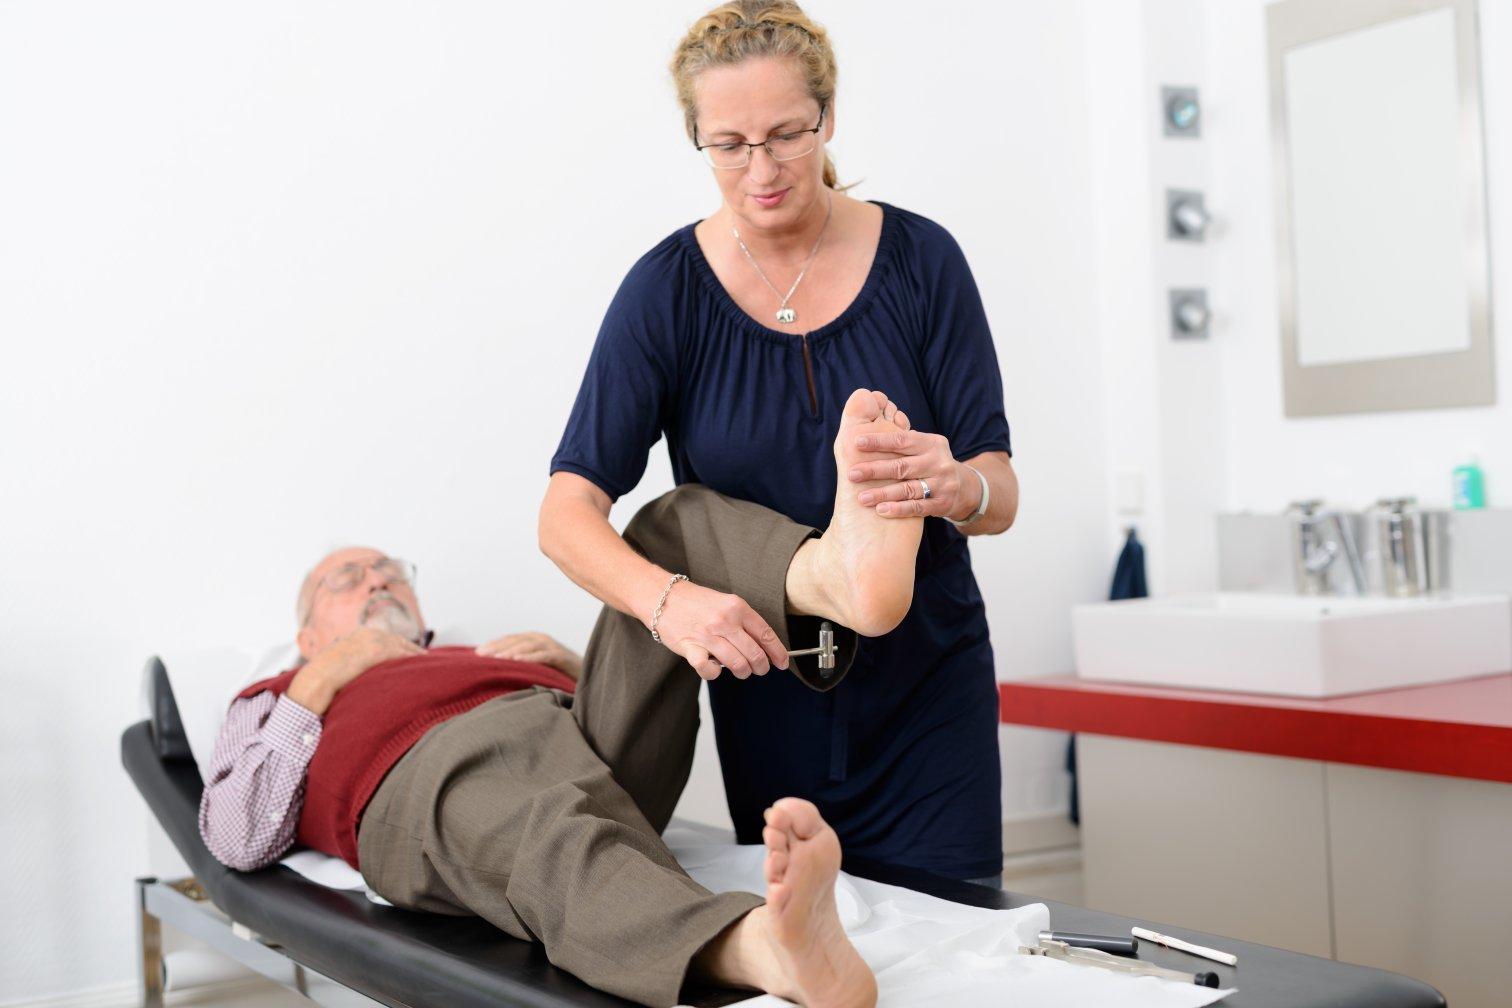 Mann bei Vorsorge: Kontrolle der Füße